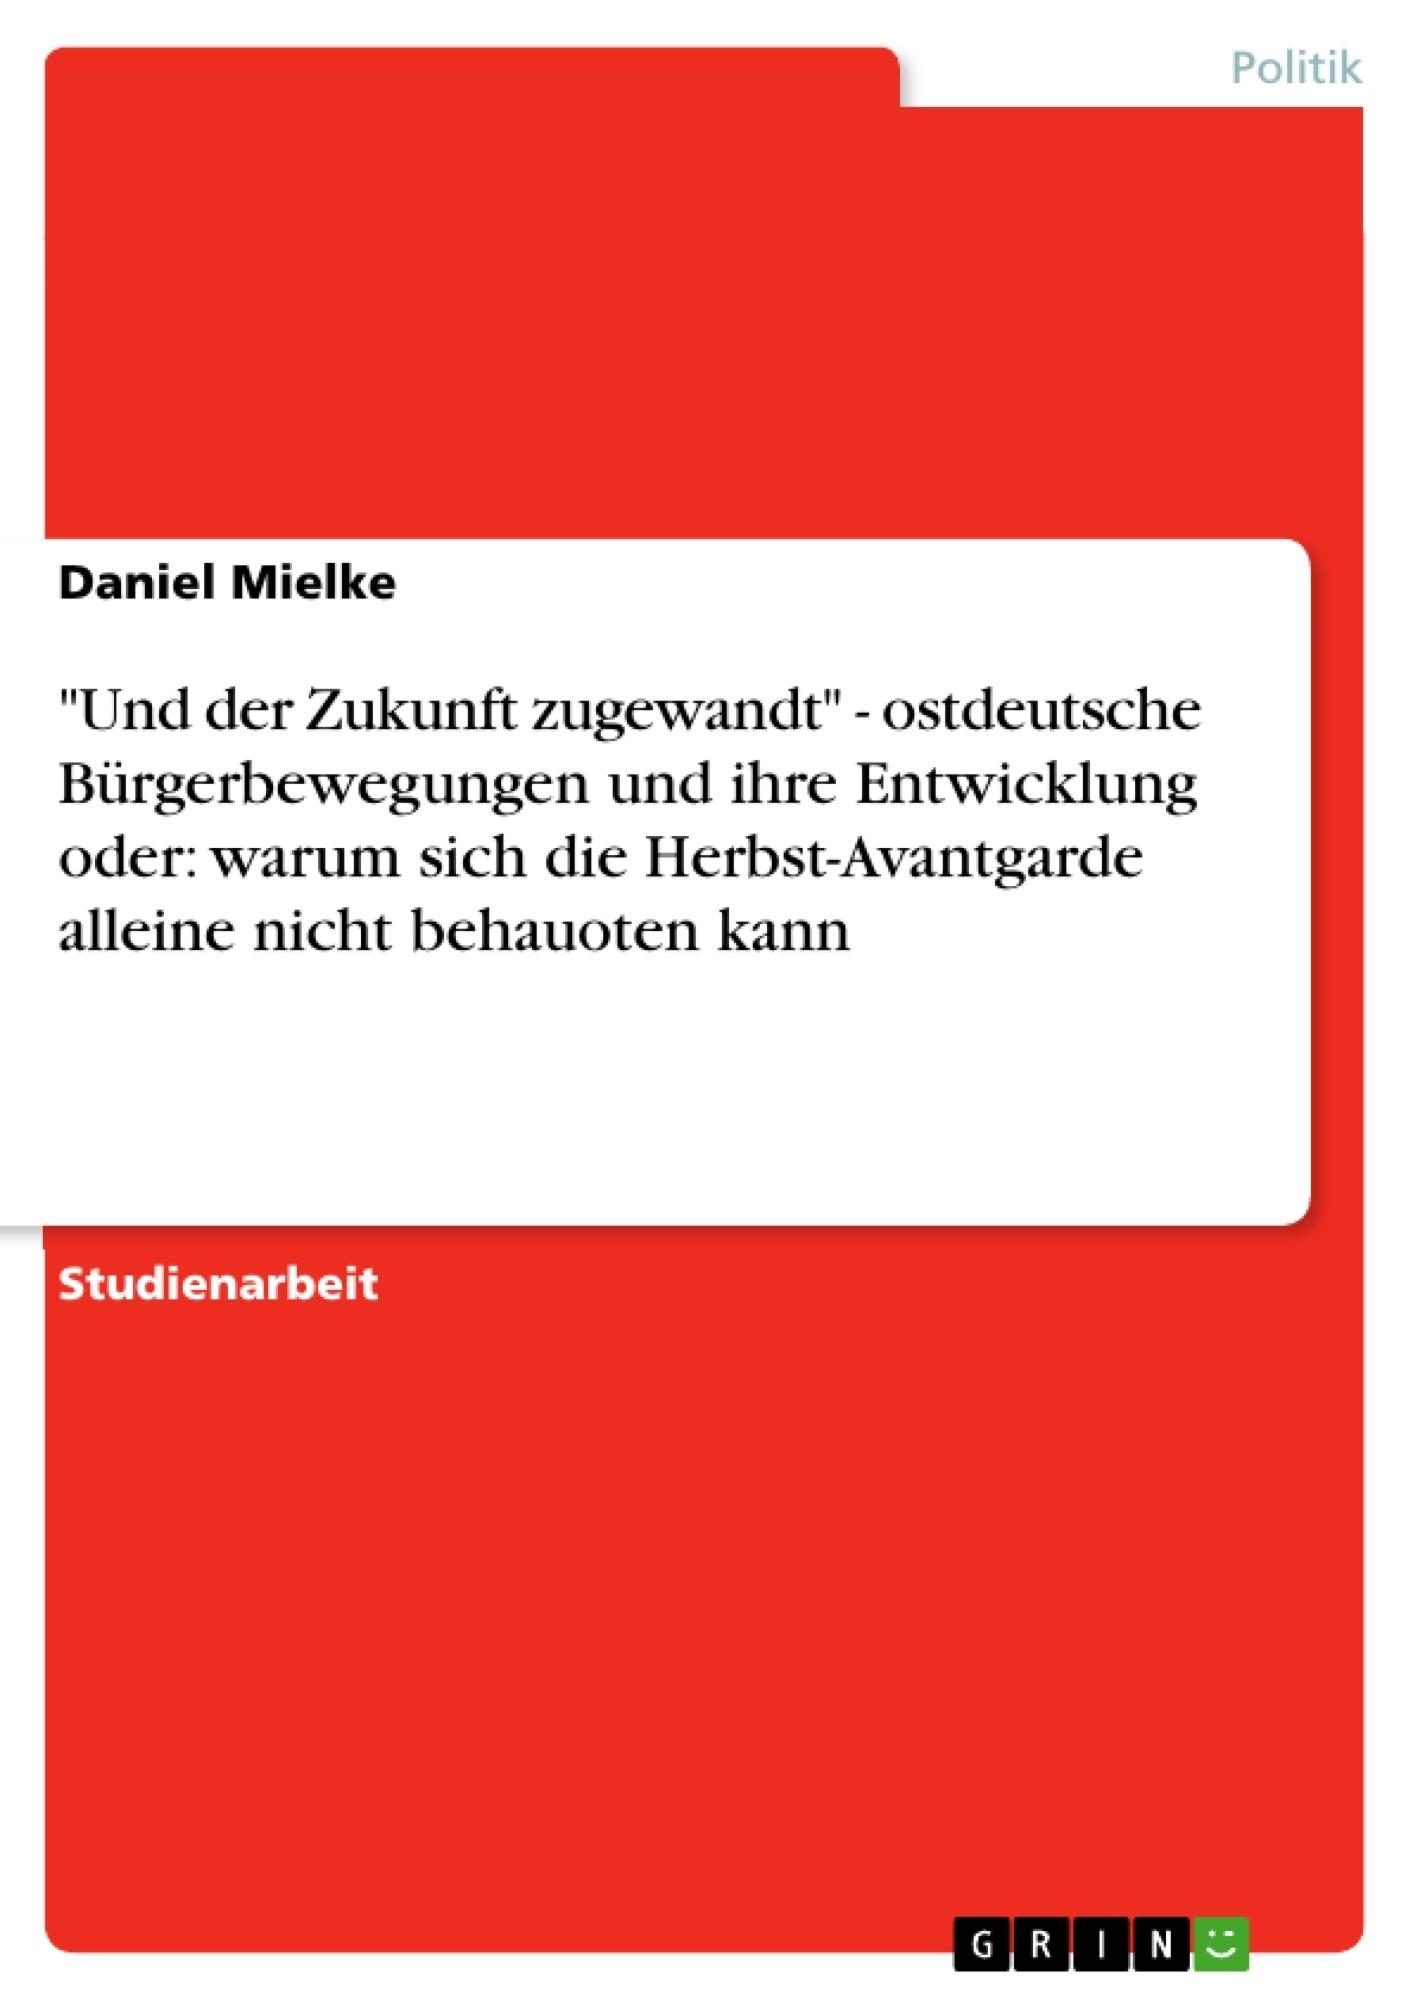 """Titel: """"Und der Zukunft zugewandt"""" - ostdeutsche Bürgerbewegungen und ihre Entwicklung oder: warum sich die Herbst-Avantgarde alleine nicht behauoten kann"""